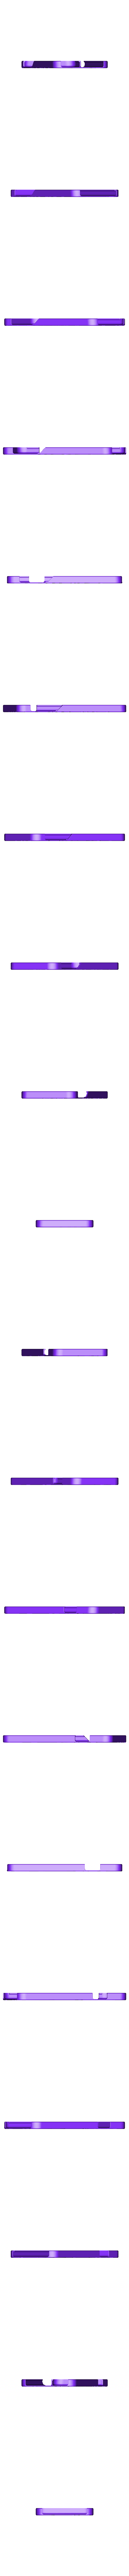 Iphone_6_Halo_case.STL Télécharger fichier STL gratuit Étui pour Iphone 6 (Thème Halo) • Plan à imprimer en 3D, aevafortinhi